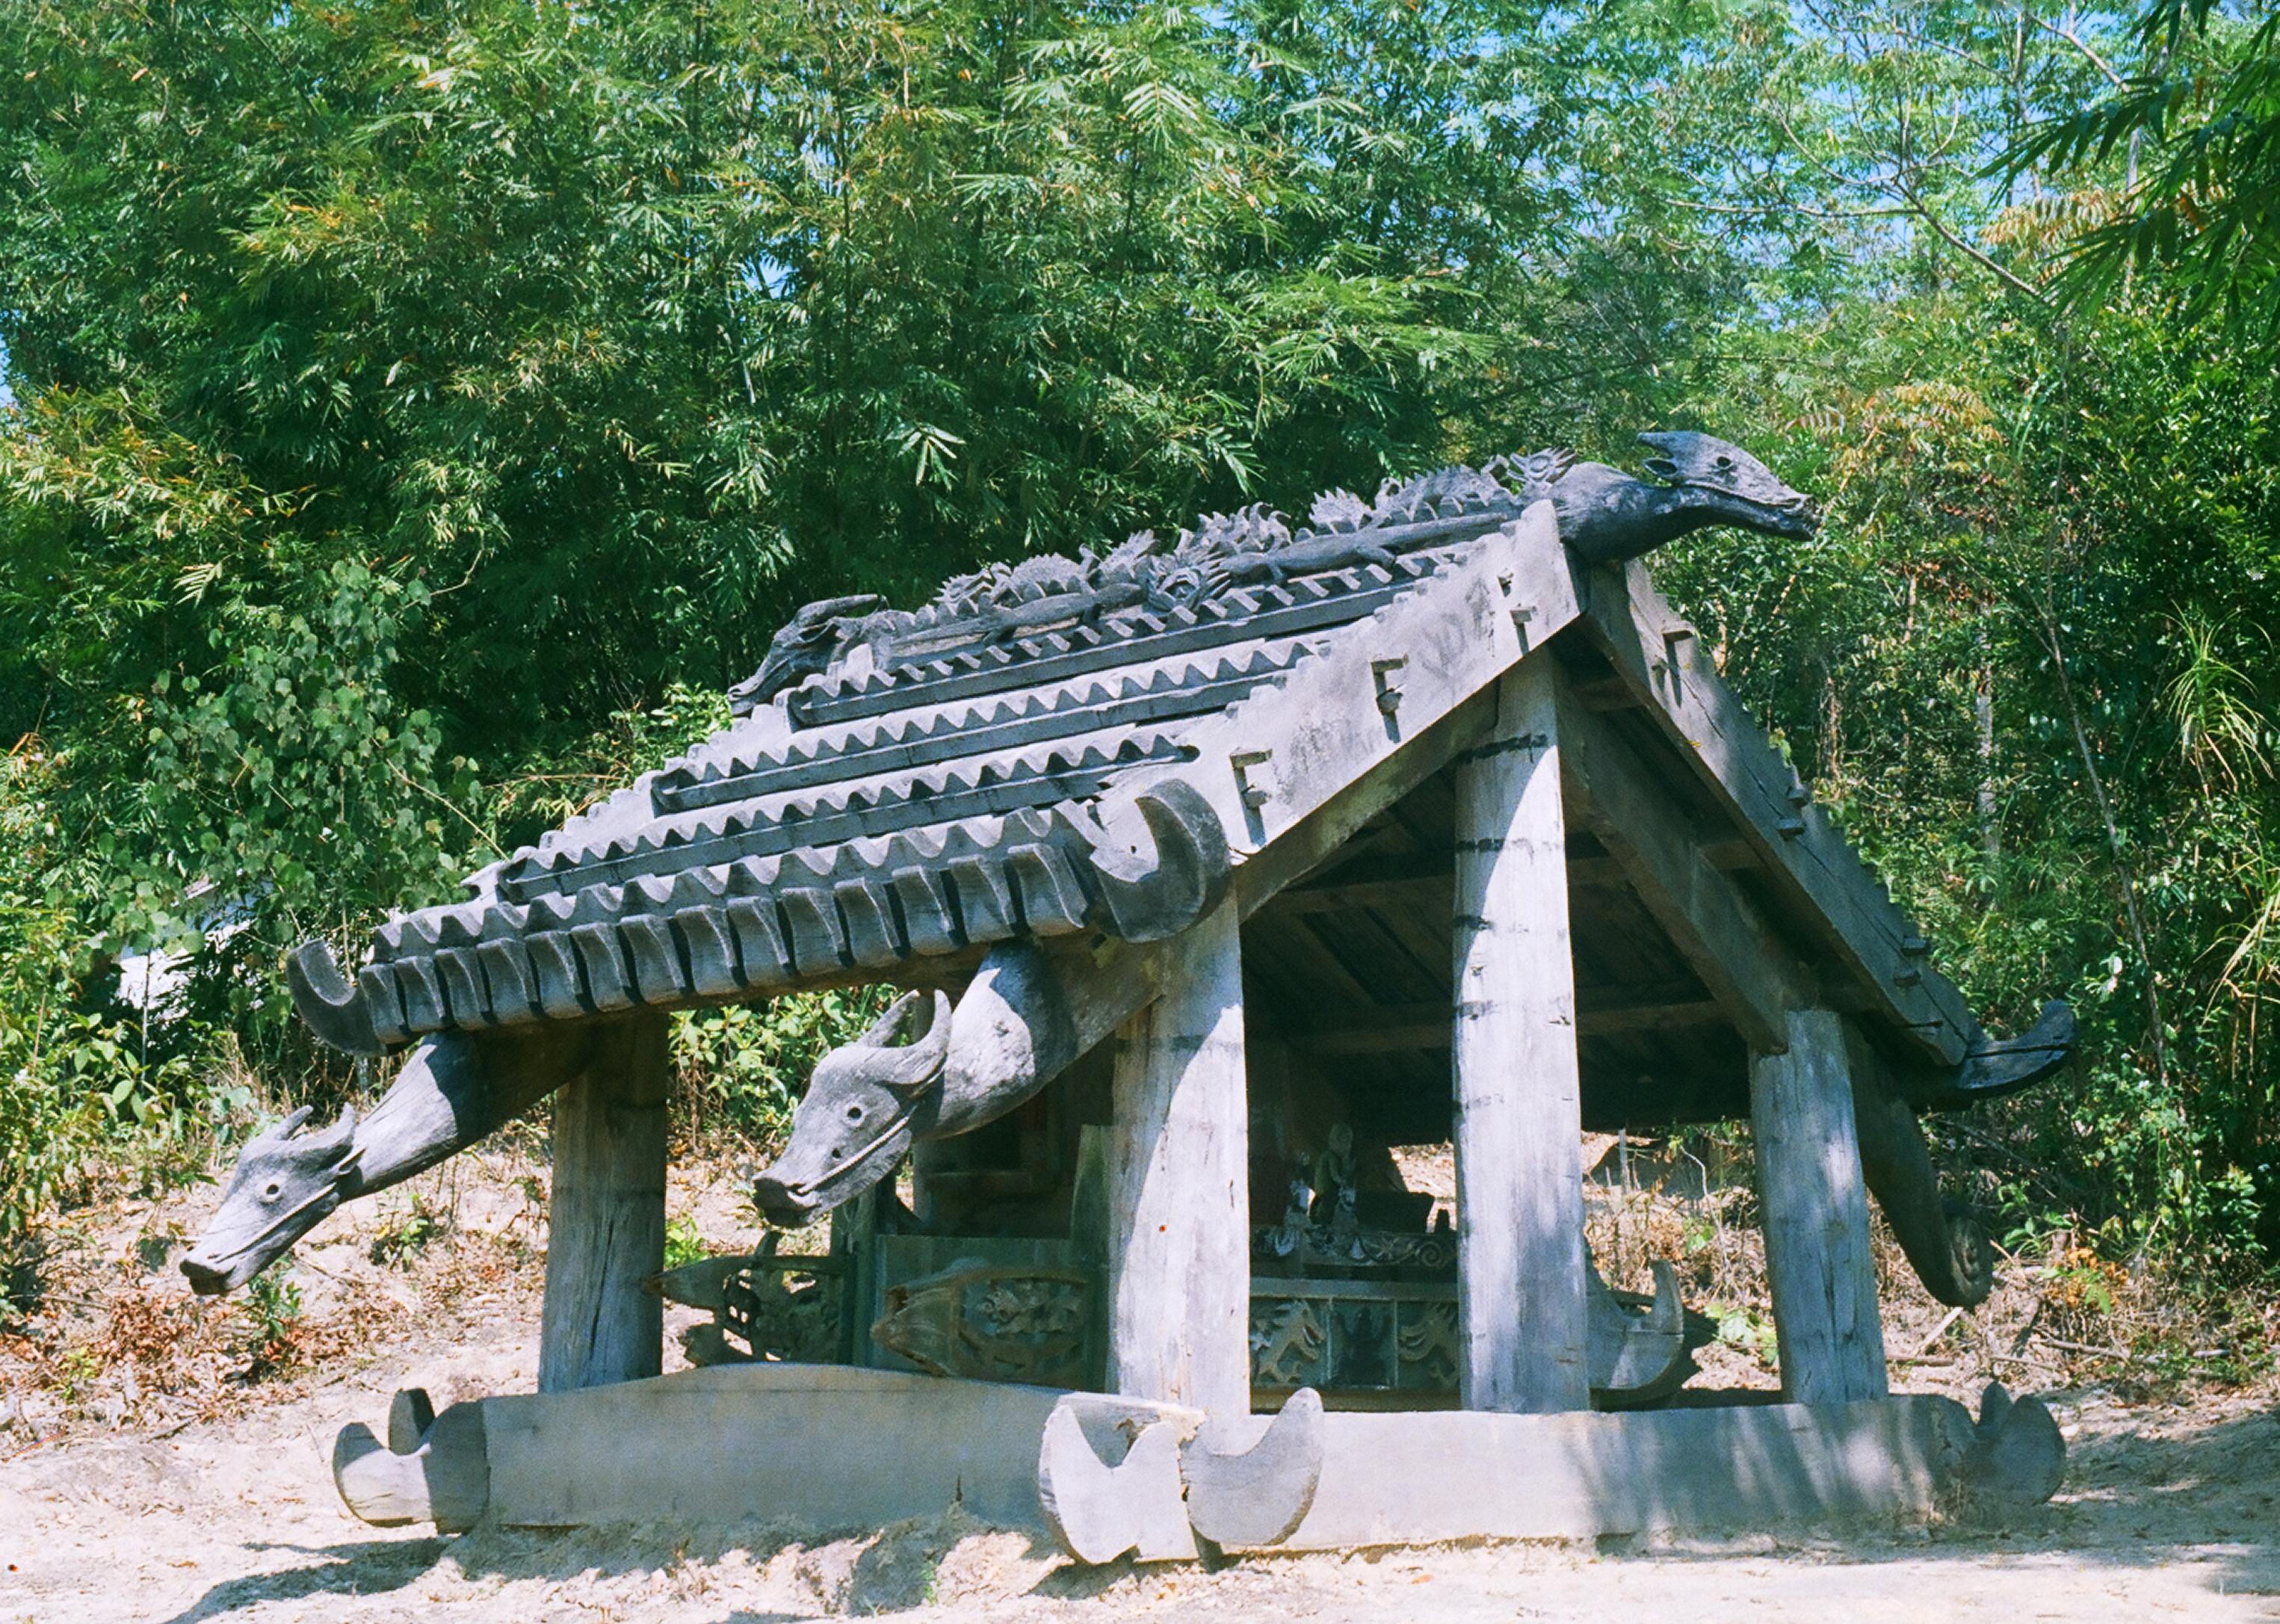 Nhà mồ truyền thống của người Cơ Tu thôn Pa Liêng, xã A Ting, huyện Đông Giang (Quảng Nam), với những hình tượng đầu trâu bằng gỗ trông như thật